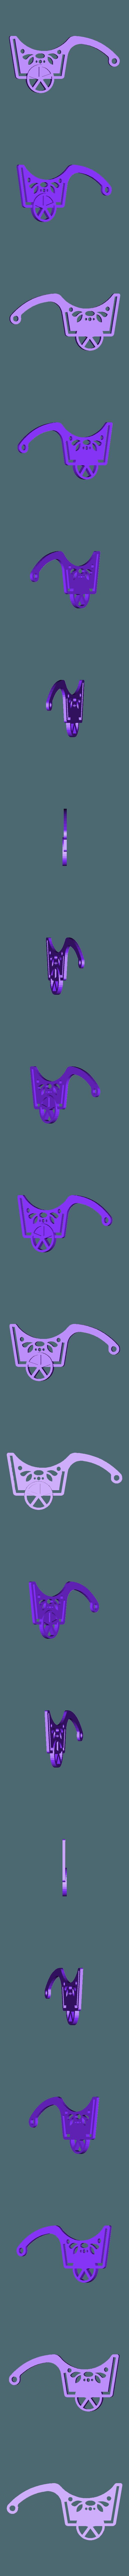 handcart_right_part.stl Télécharger fichier STL gratuit Lapin de Pâques avec une charrette à bras • Design pour impression 3D, TanyaAkinora